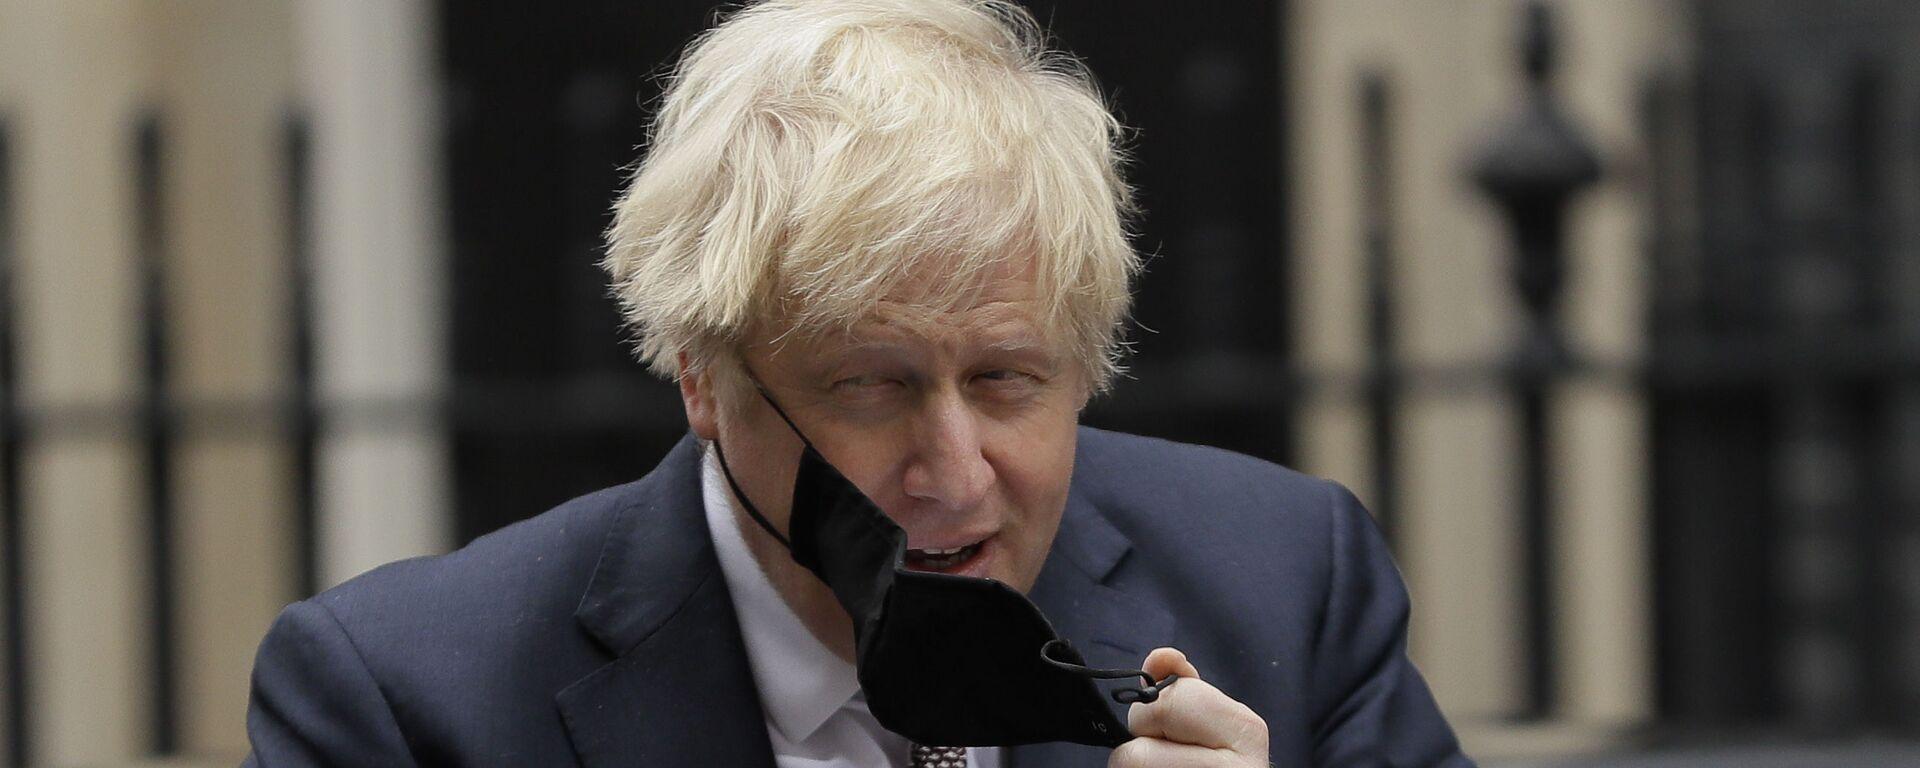 Премьер-министр Великобритании Борис Джонсон снимает маску - Sputnik Česká republika, 1920, 18.08.2021